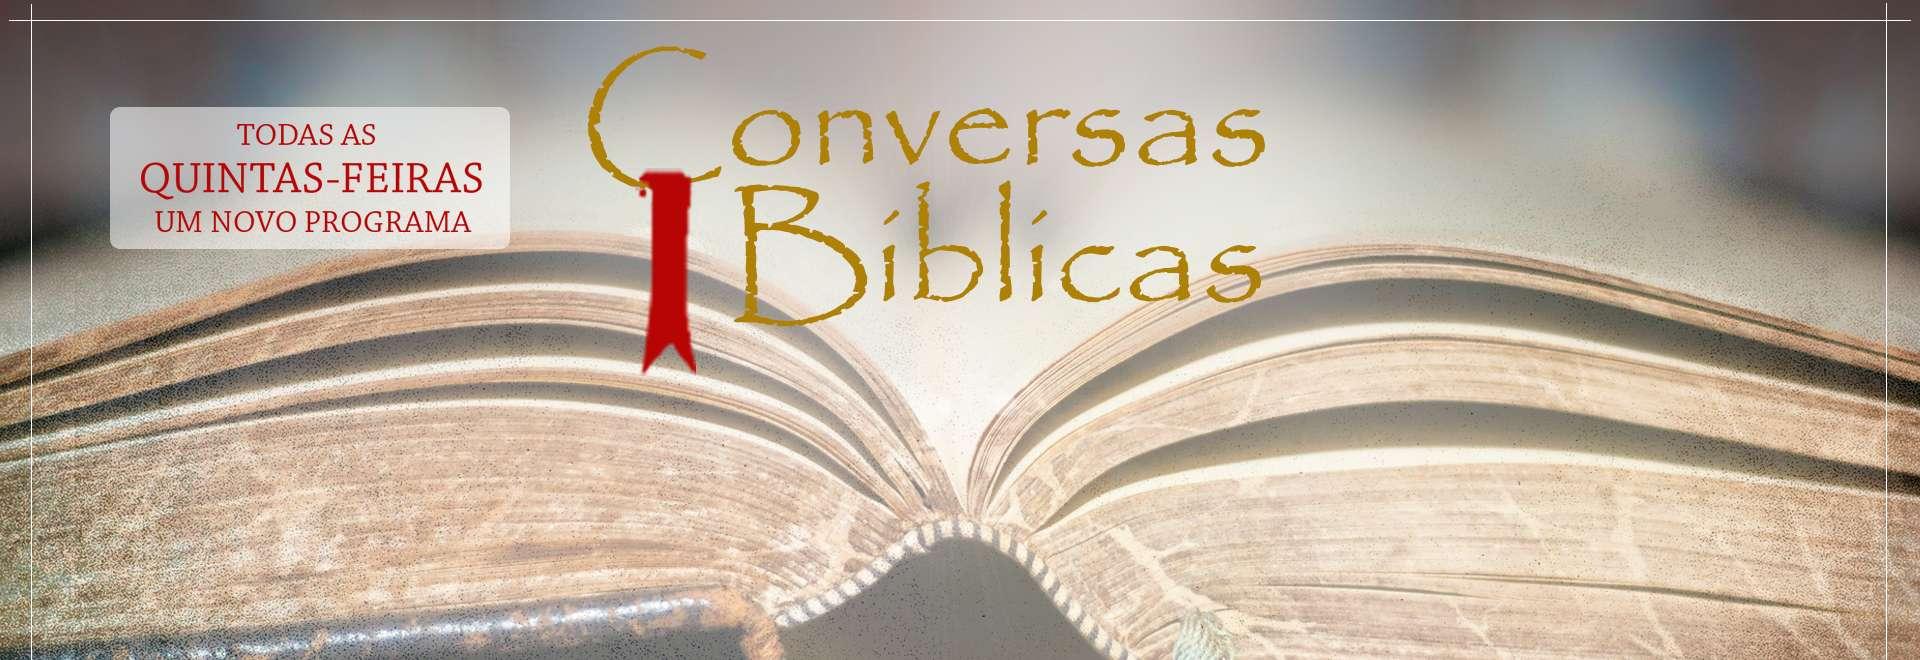 Conversas Bíblicas: Histórico da Doutrina - Parte 3